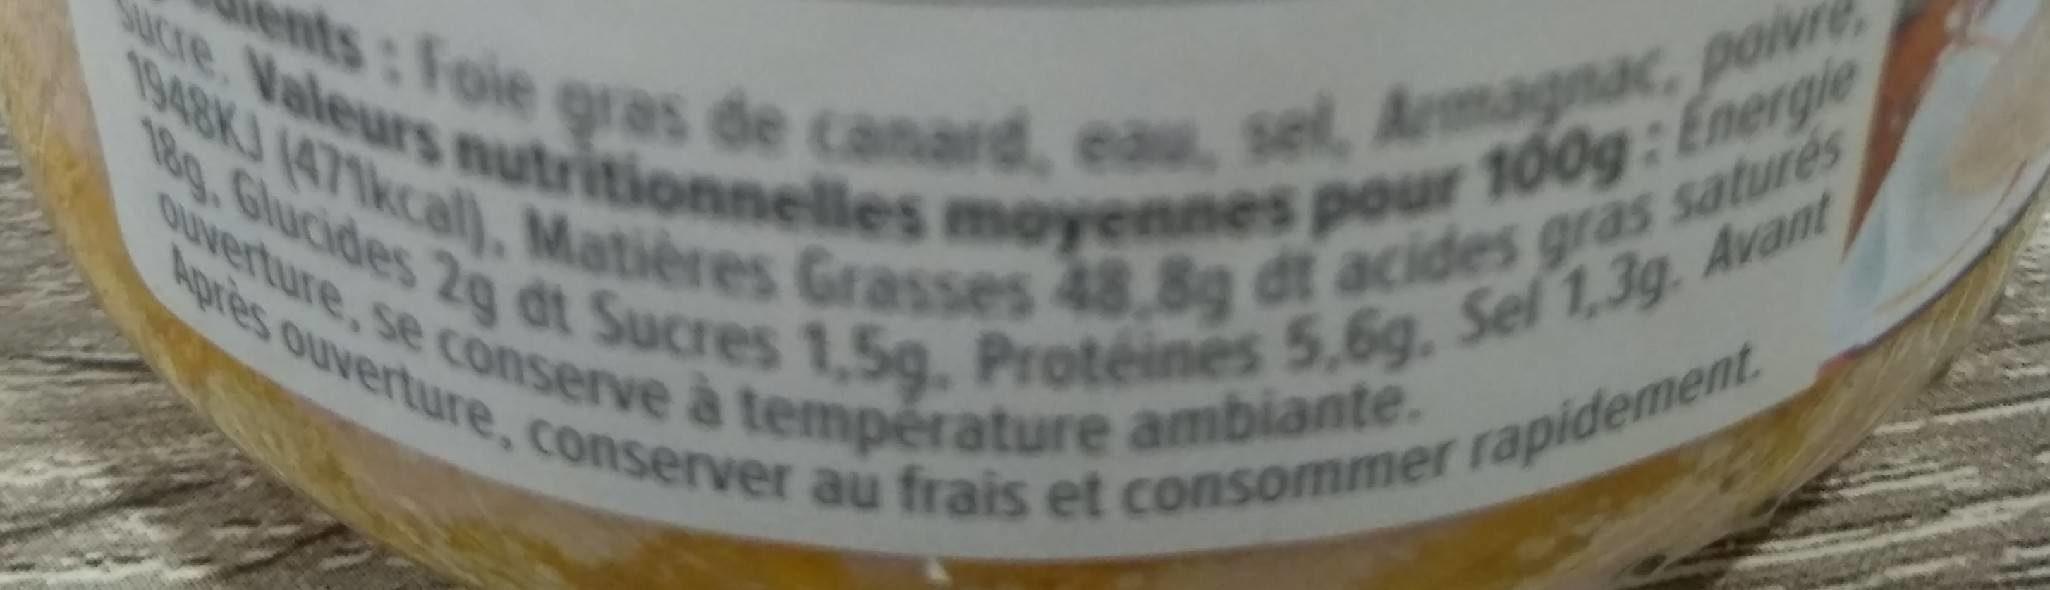 Bloc de foie gras de canard du sud-est - Voedingswaarden - fr